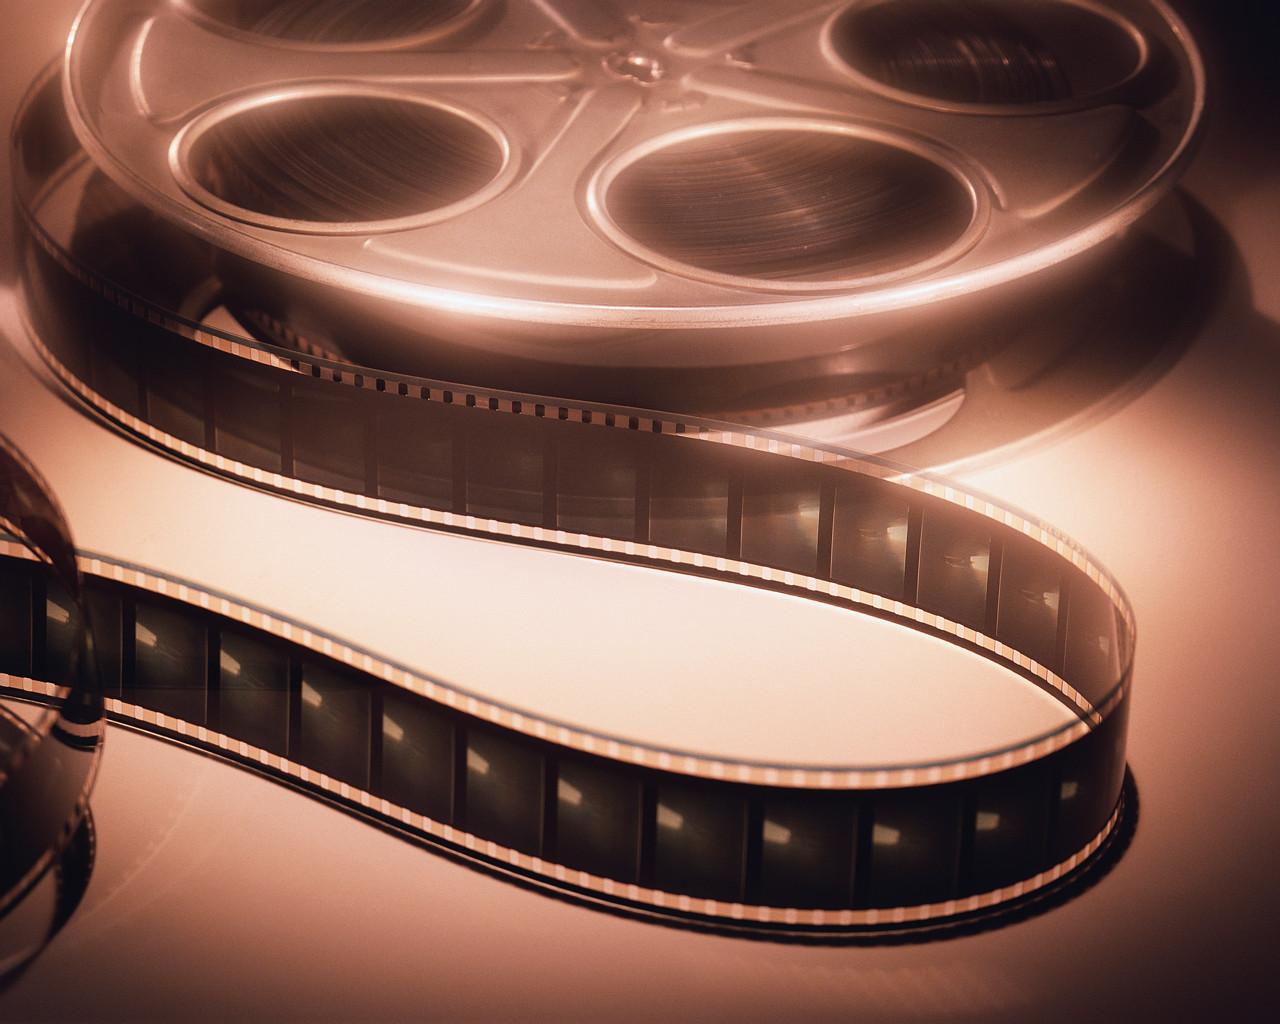 Картинки по теме кино для презентации